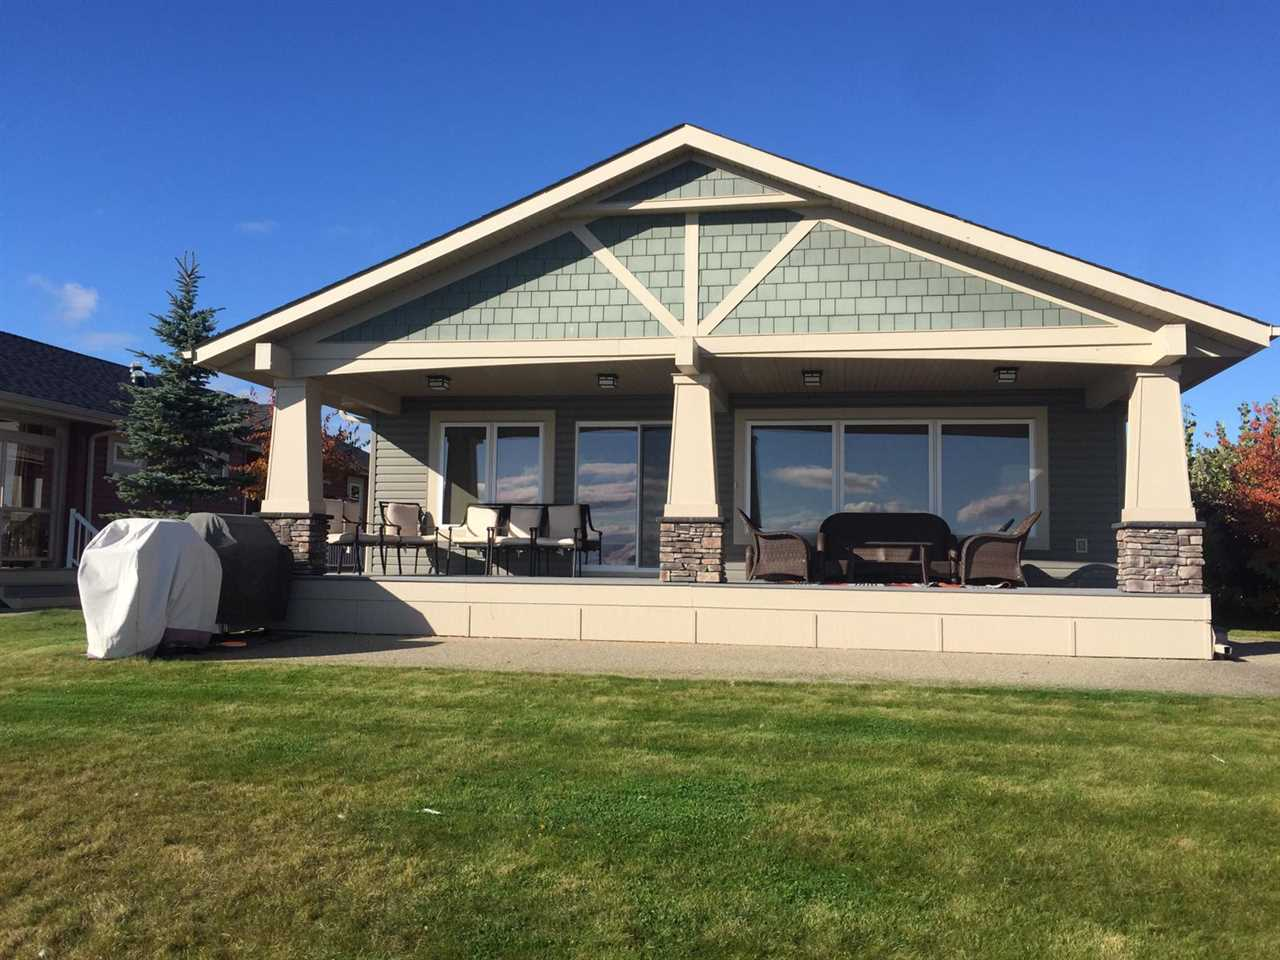 Buliding: 55101 Ste Anne Trail, Rural Lac Ste Anne County, AB